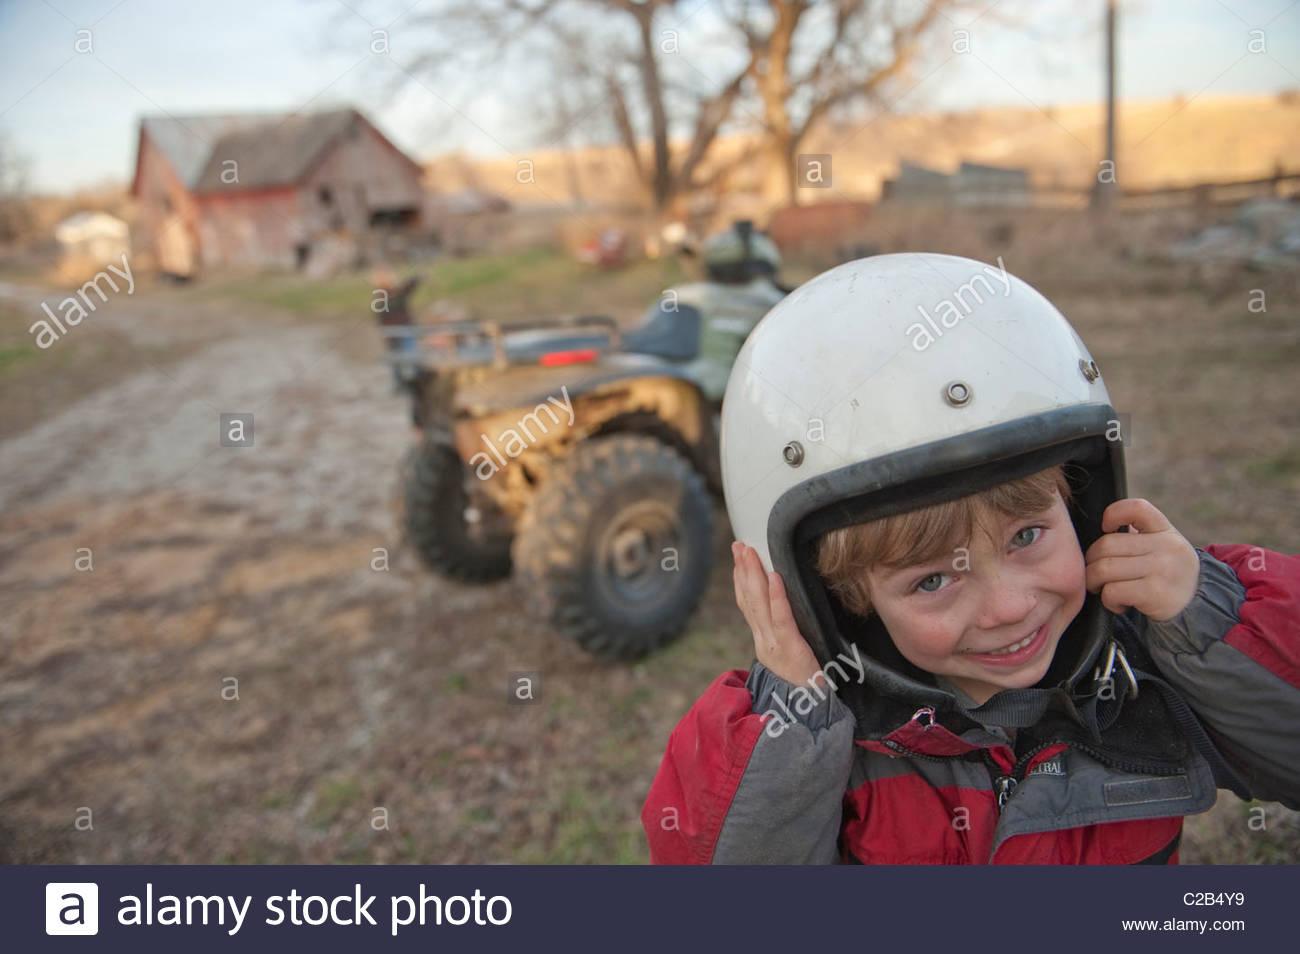 Un giovane ragazzo che indossa un casco protettivo in una fattoria in Dunbar, Nebraska. Immagini Stock